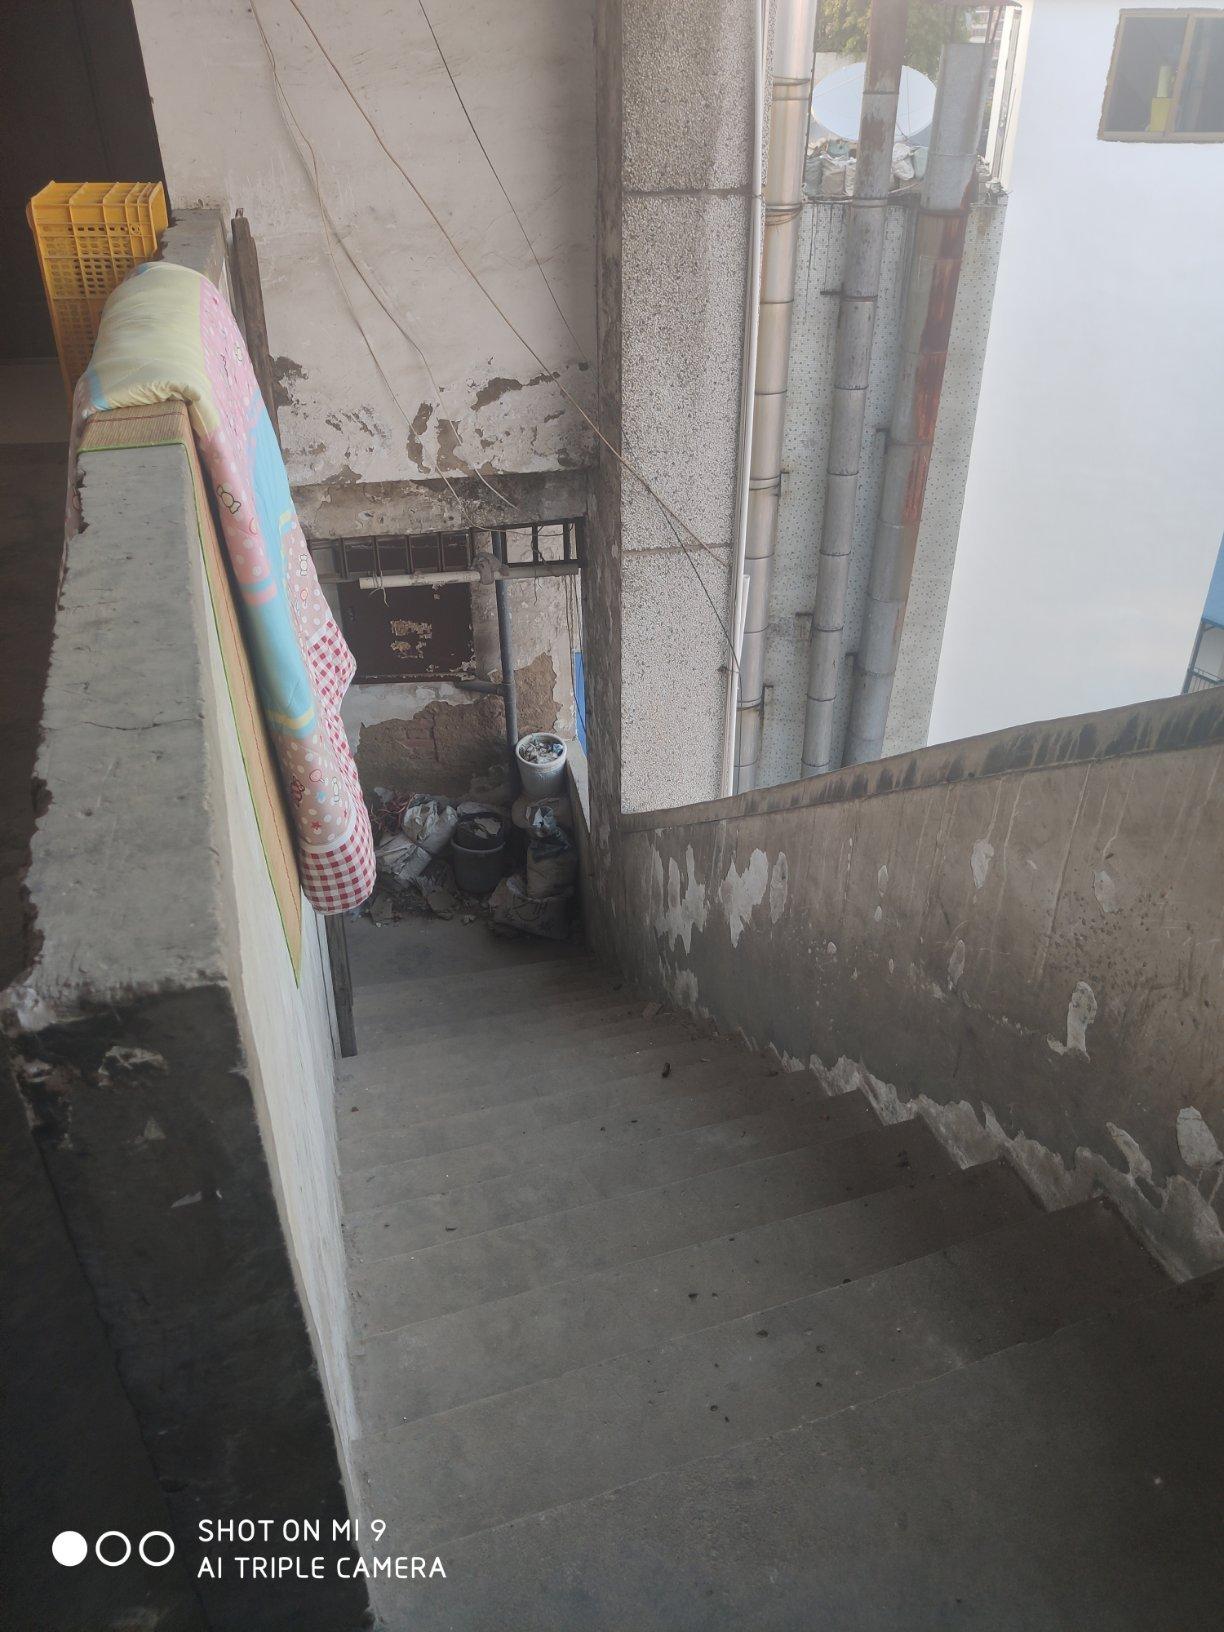 市中心地段 美食城法院旁 步梯顶楼 户型好2房2厅1卫1阳台